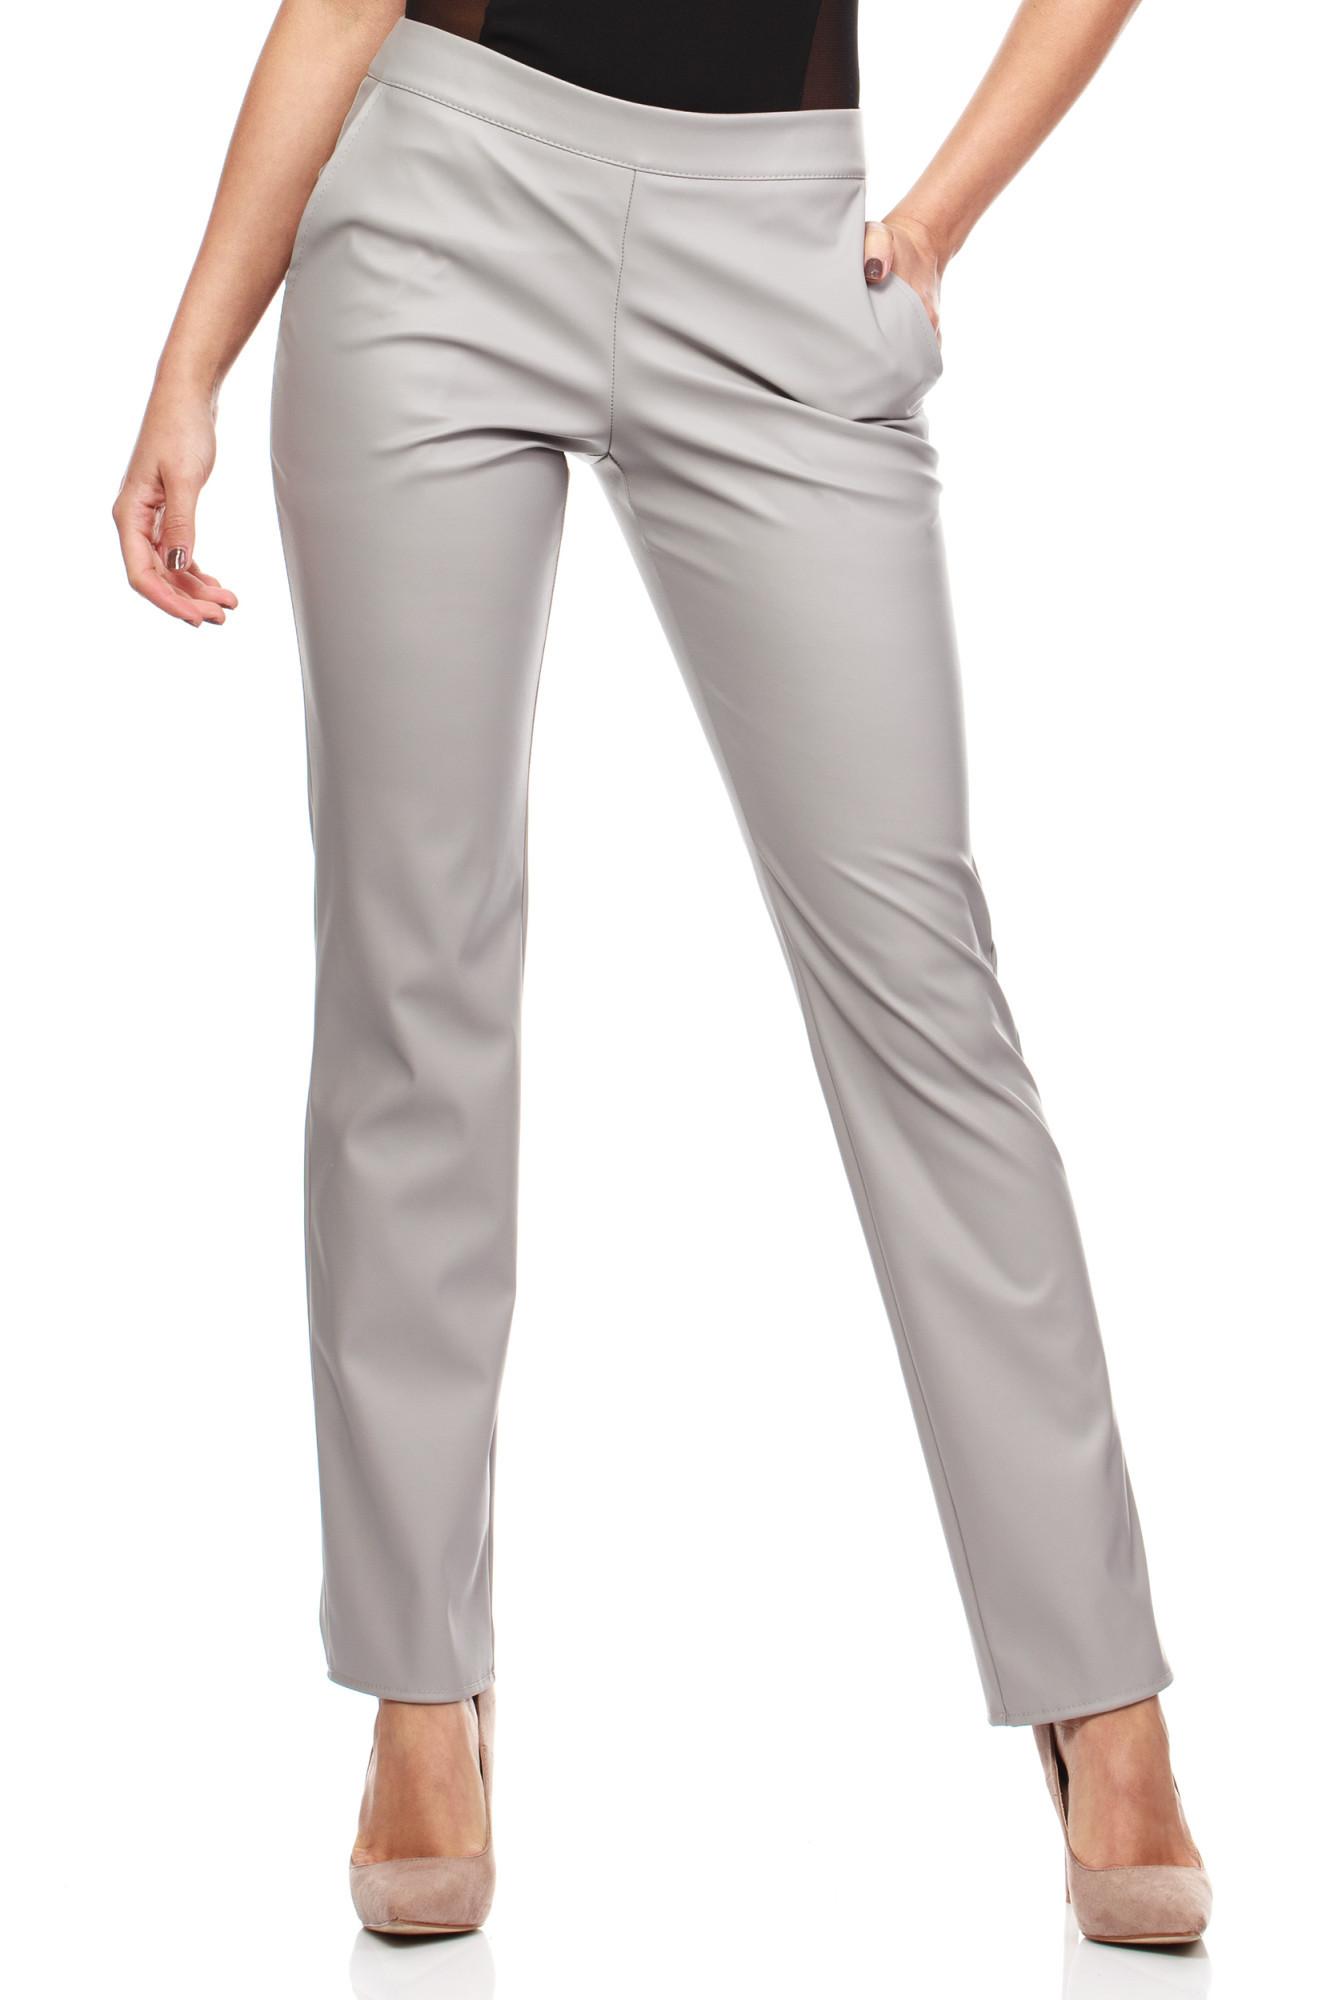 Dámské kalhoty model 35782 Moe M